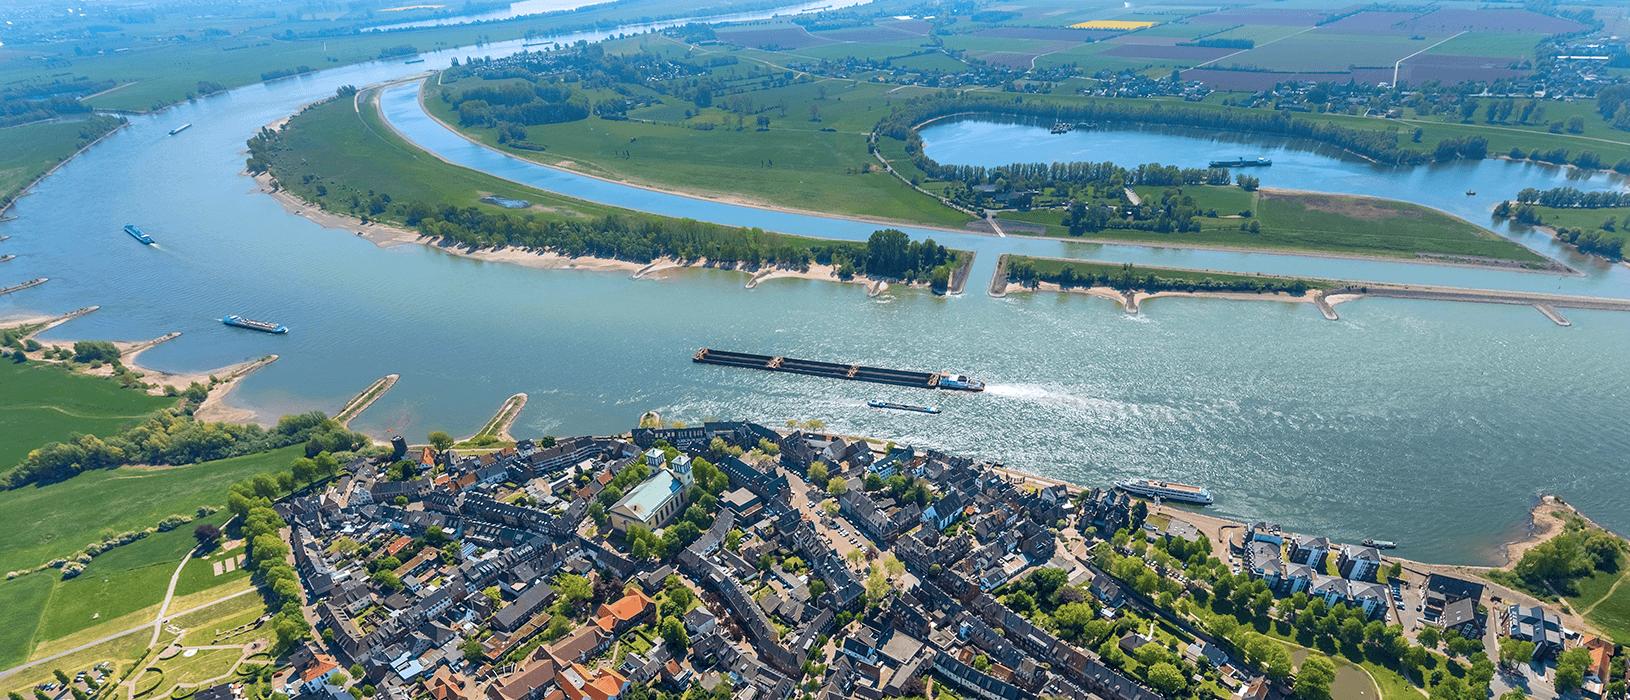 Die Region am Niederrhein hat neben schönen Landschaften und tollen Städten auch viele bekannte Marken aus der Food-Industrie zu bieten. Bild: FUNKE Foto Services Hans Blossey